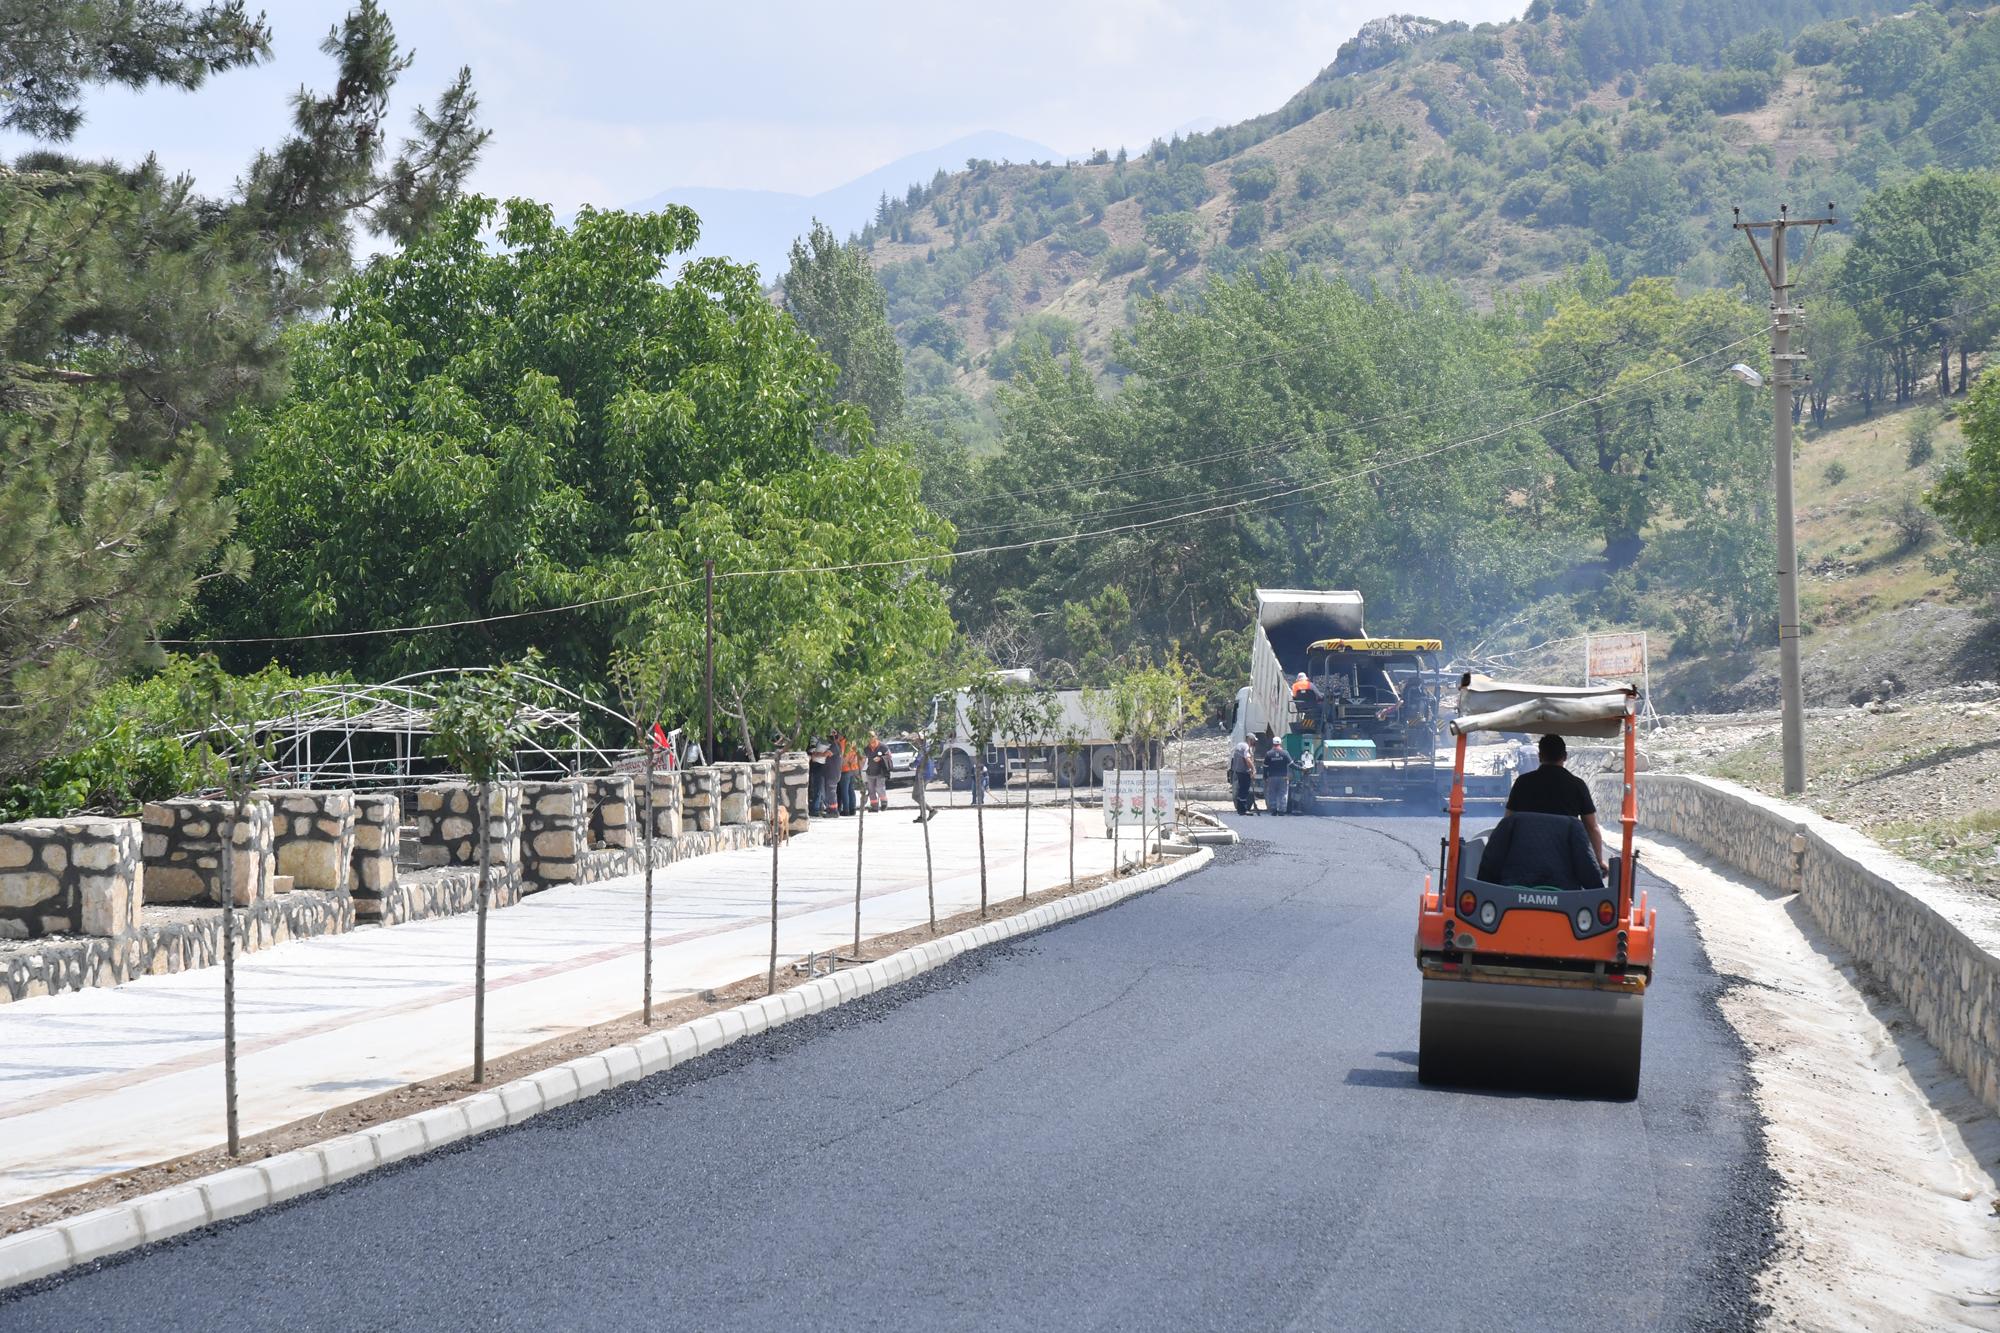 11-06-2021-kirazlidere-asfalt-6